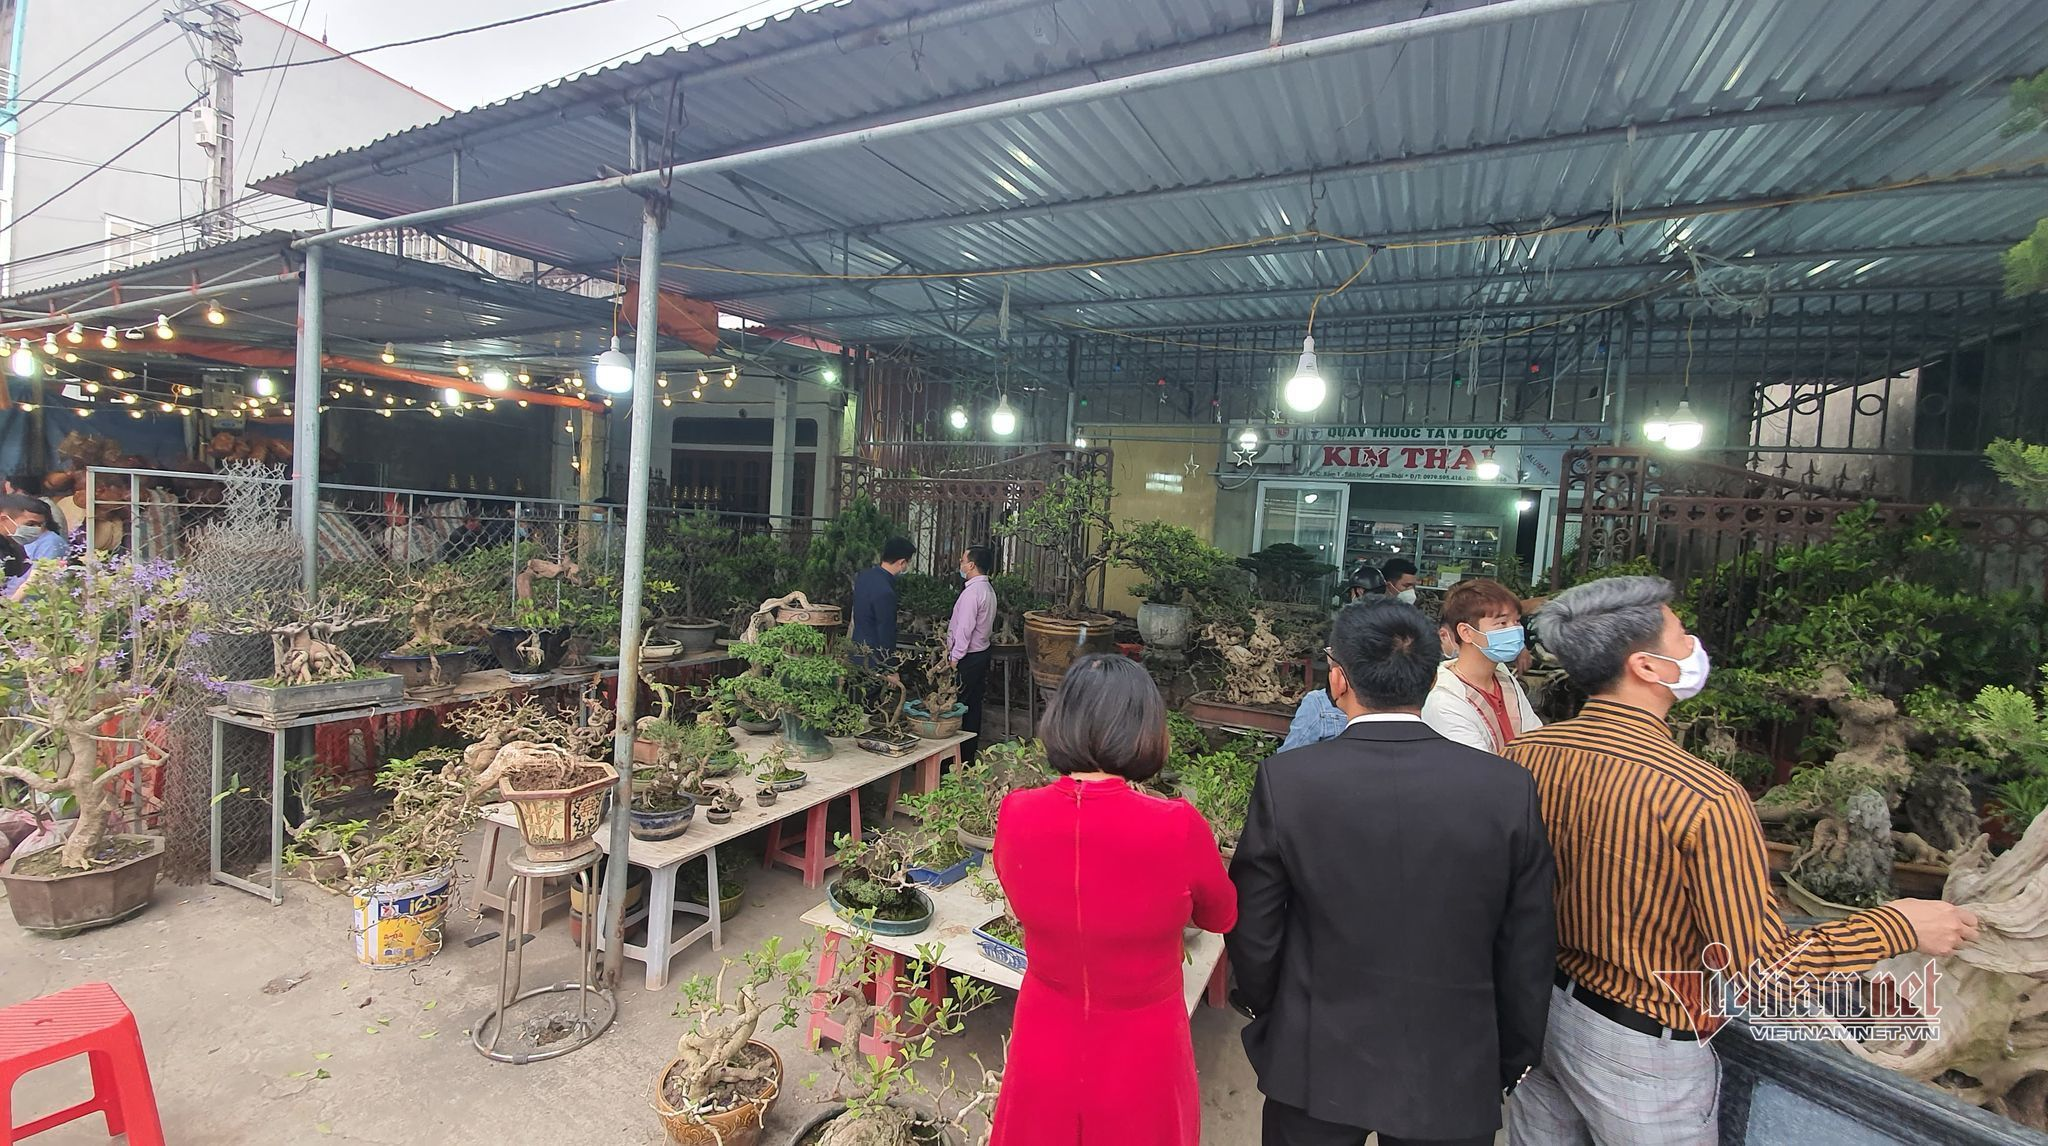 Bất chấp lệnh dừng họp chợ, du khách vẫn tìm đến mua may ở chợ Viềng